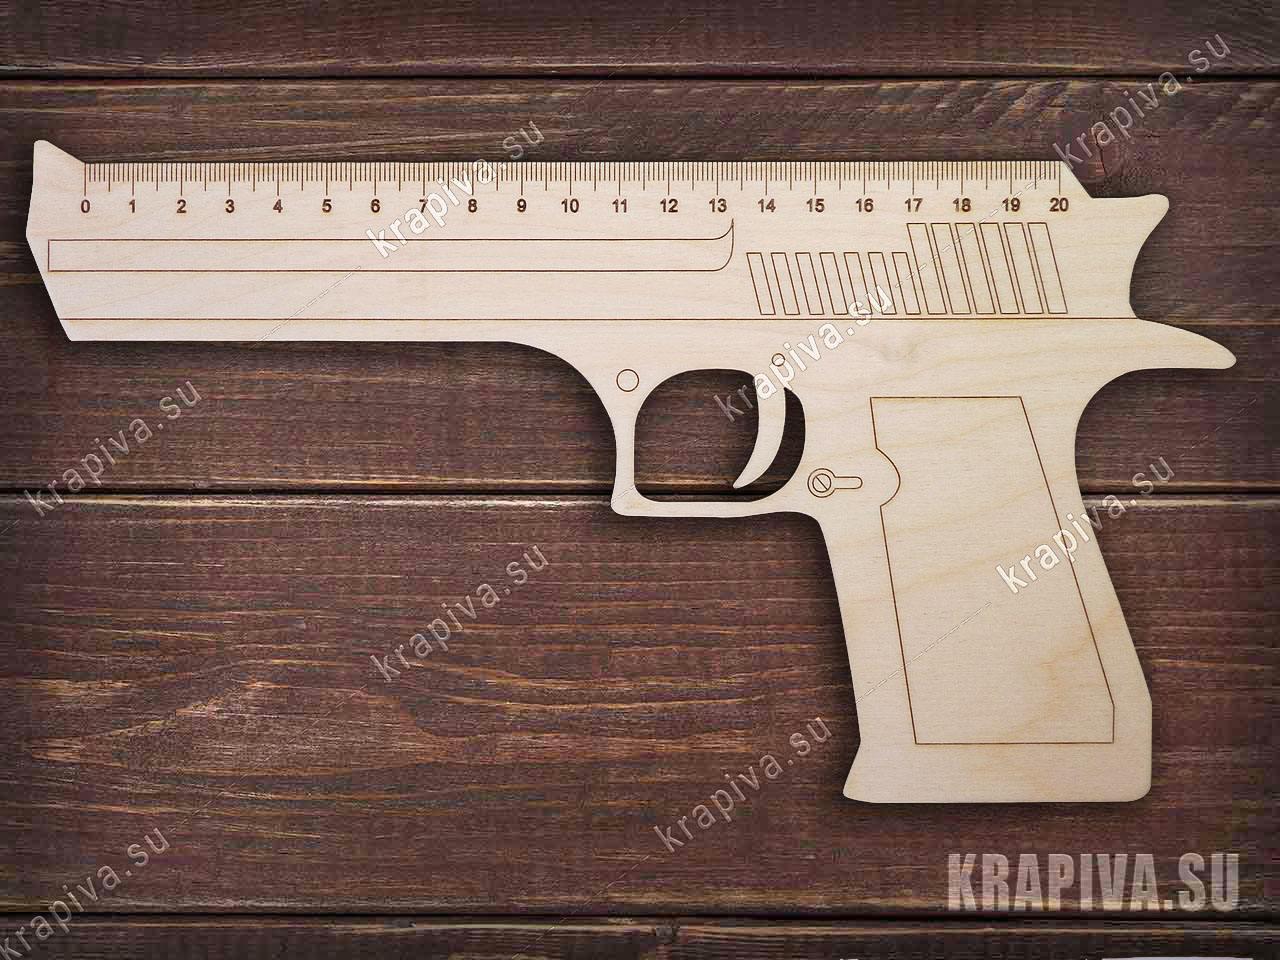 Линейка пистолет за 150 руб. в магазине Крапива (krapiva.su) (фото)